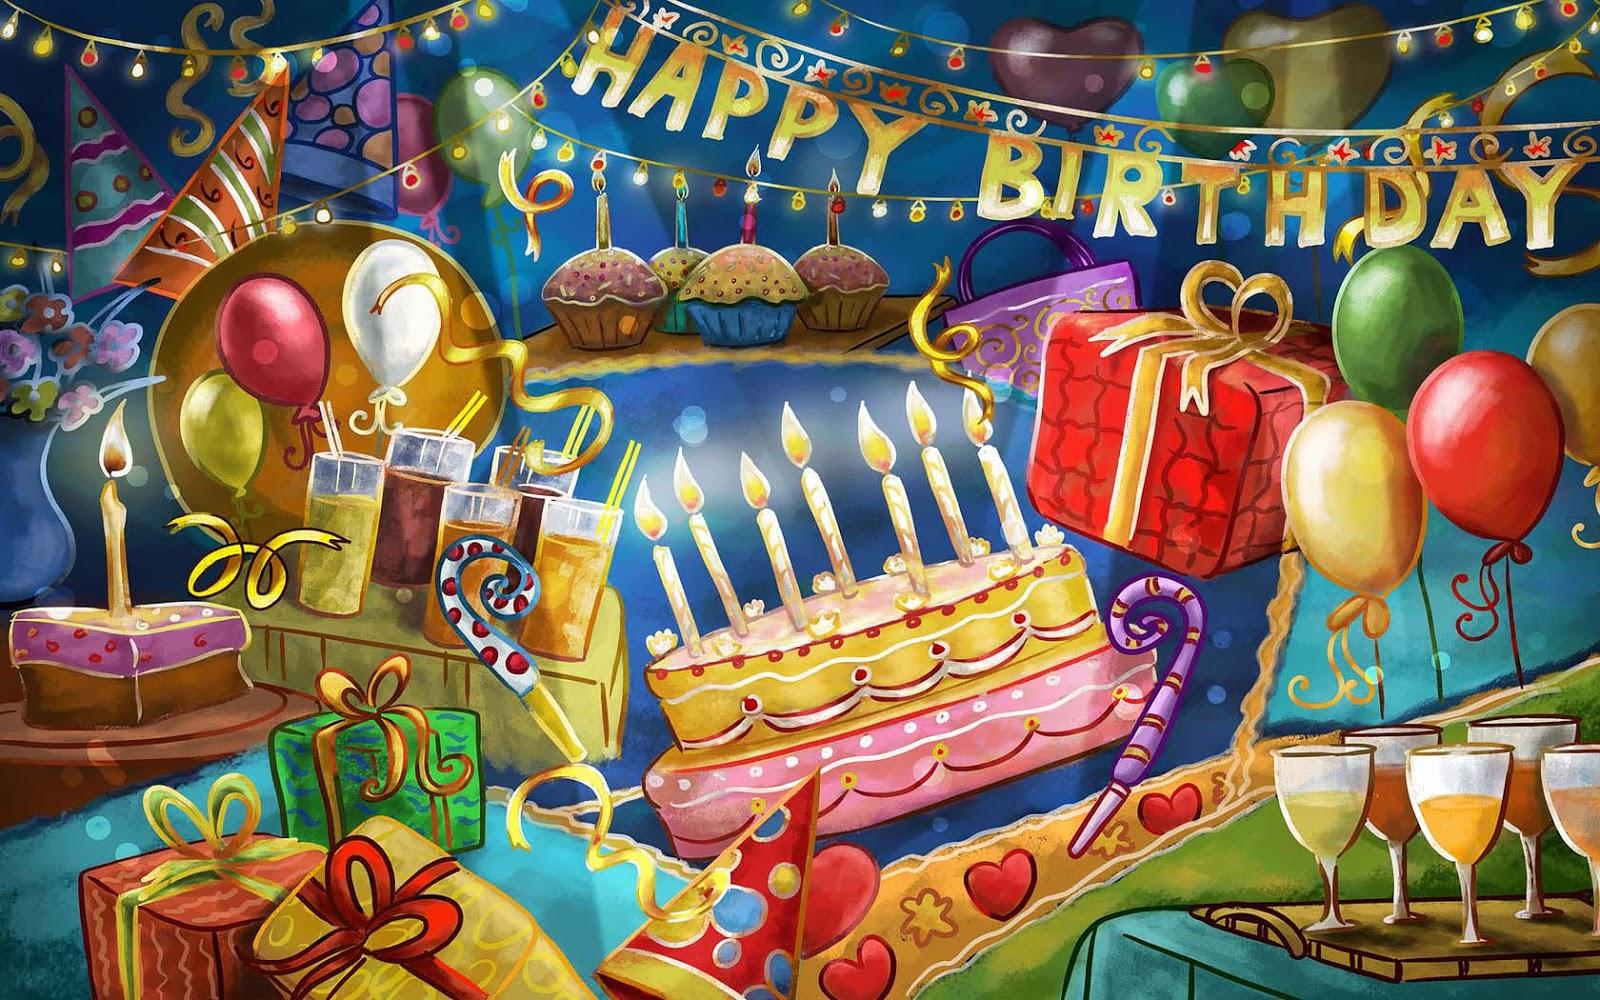 HD verjaardag achtergronden   Mooie Leuke Achtergronden ... Wallpapers Verjaardag